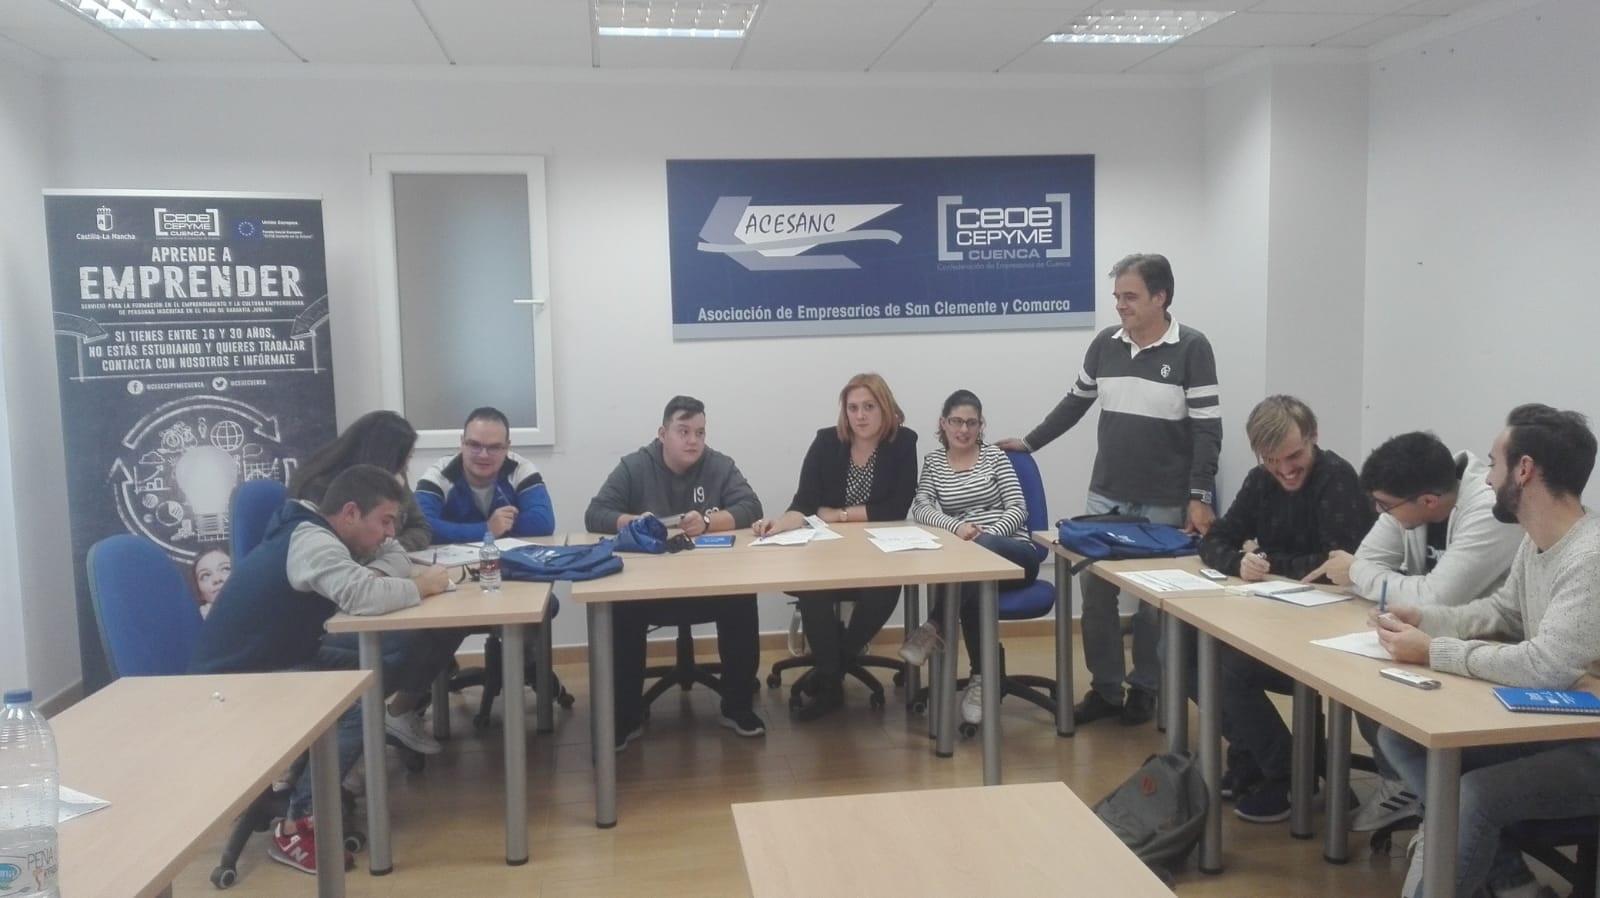 CEOE-Cepyme Cuenca forma a jóvenes de San Clemente en emprendimiento